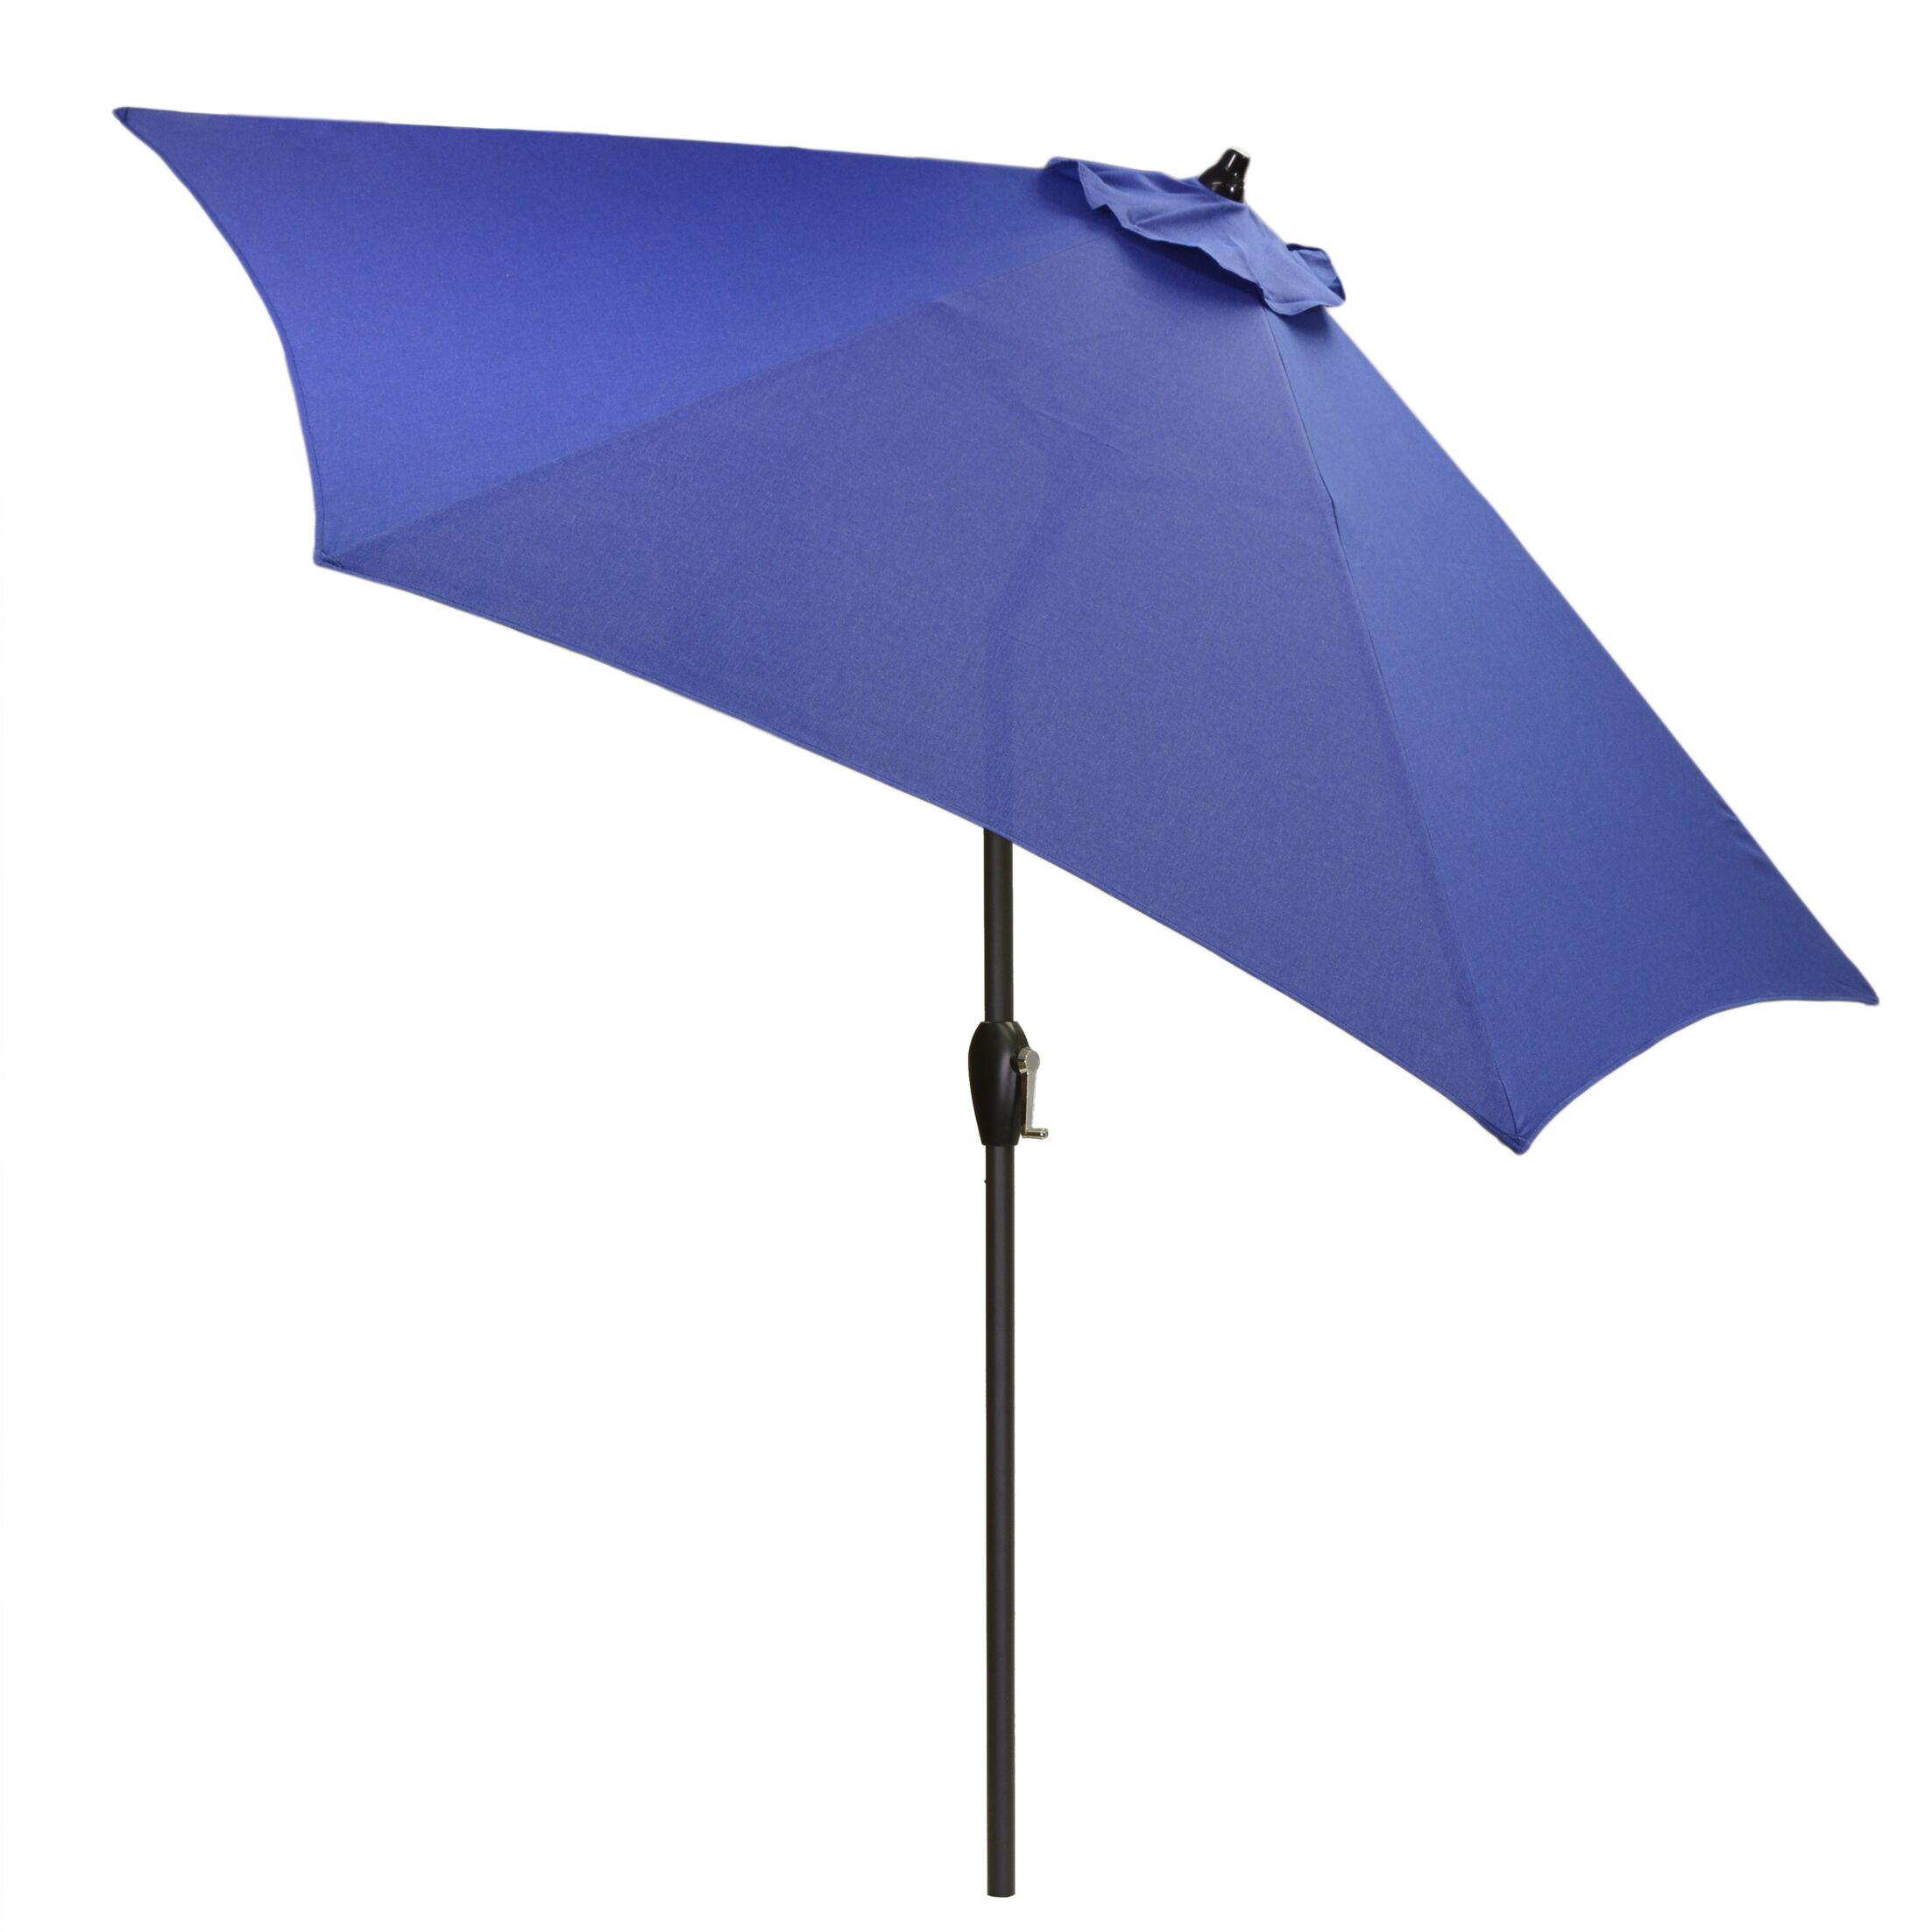 Hulme Solid 8.9' Market Umbrella Fabric Color: Cobalt